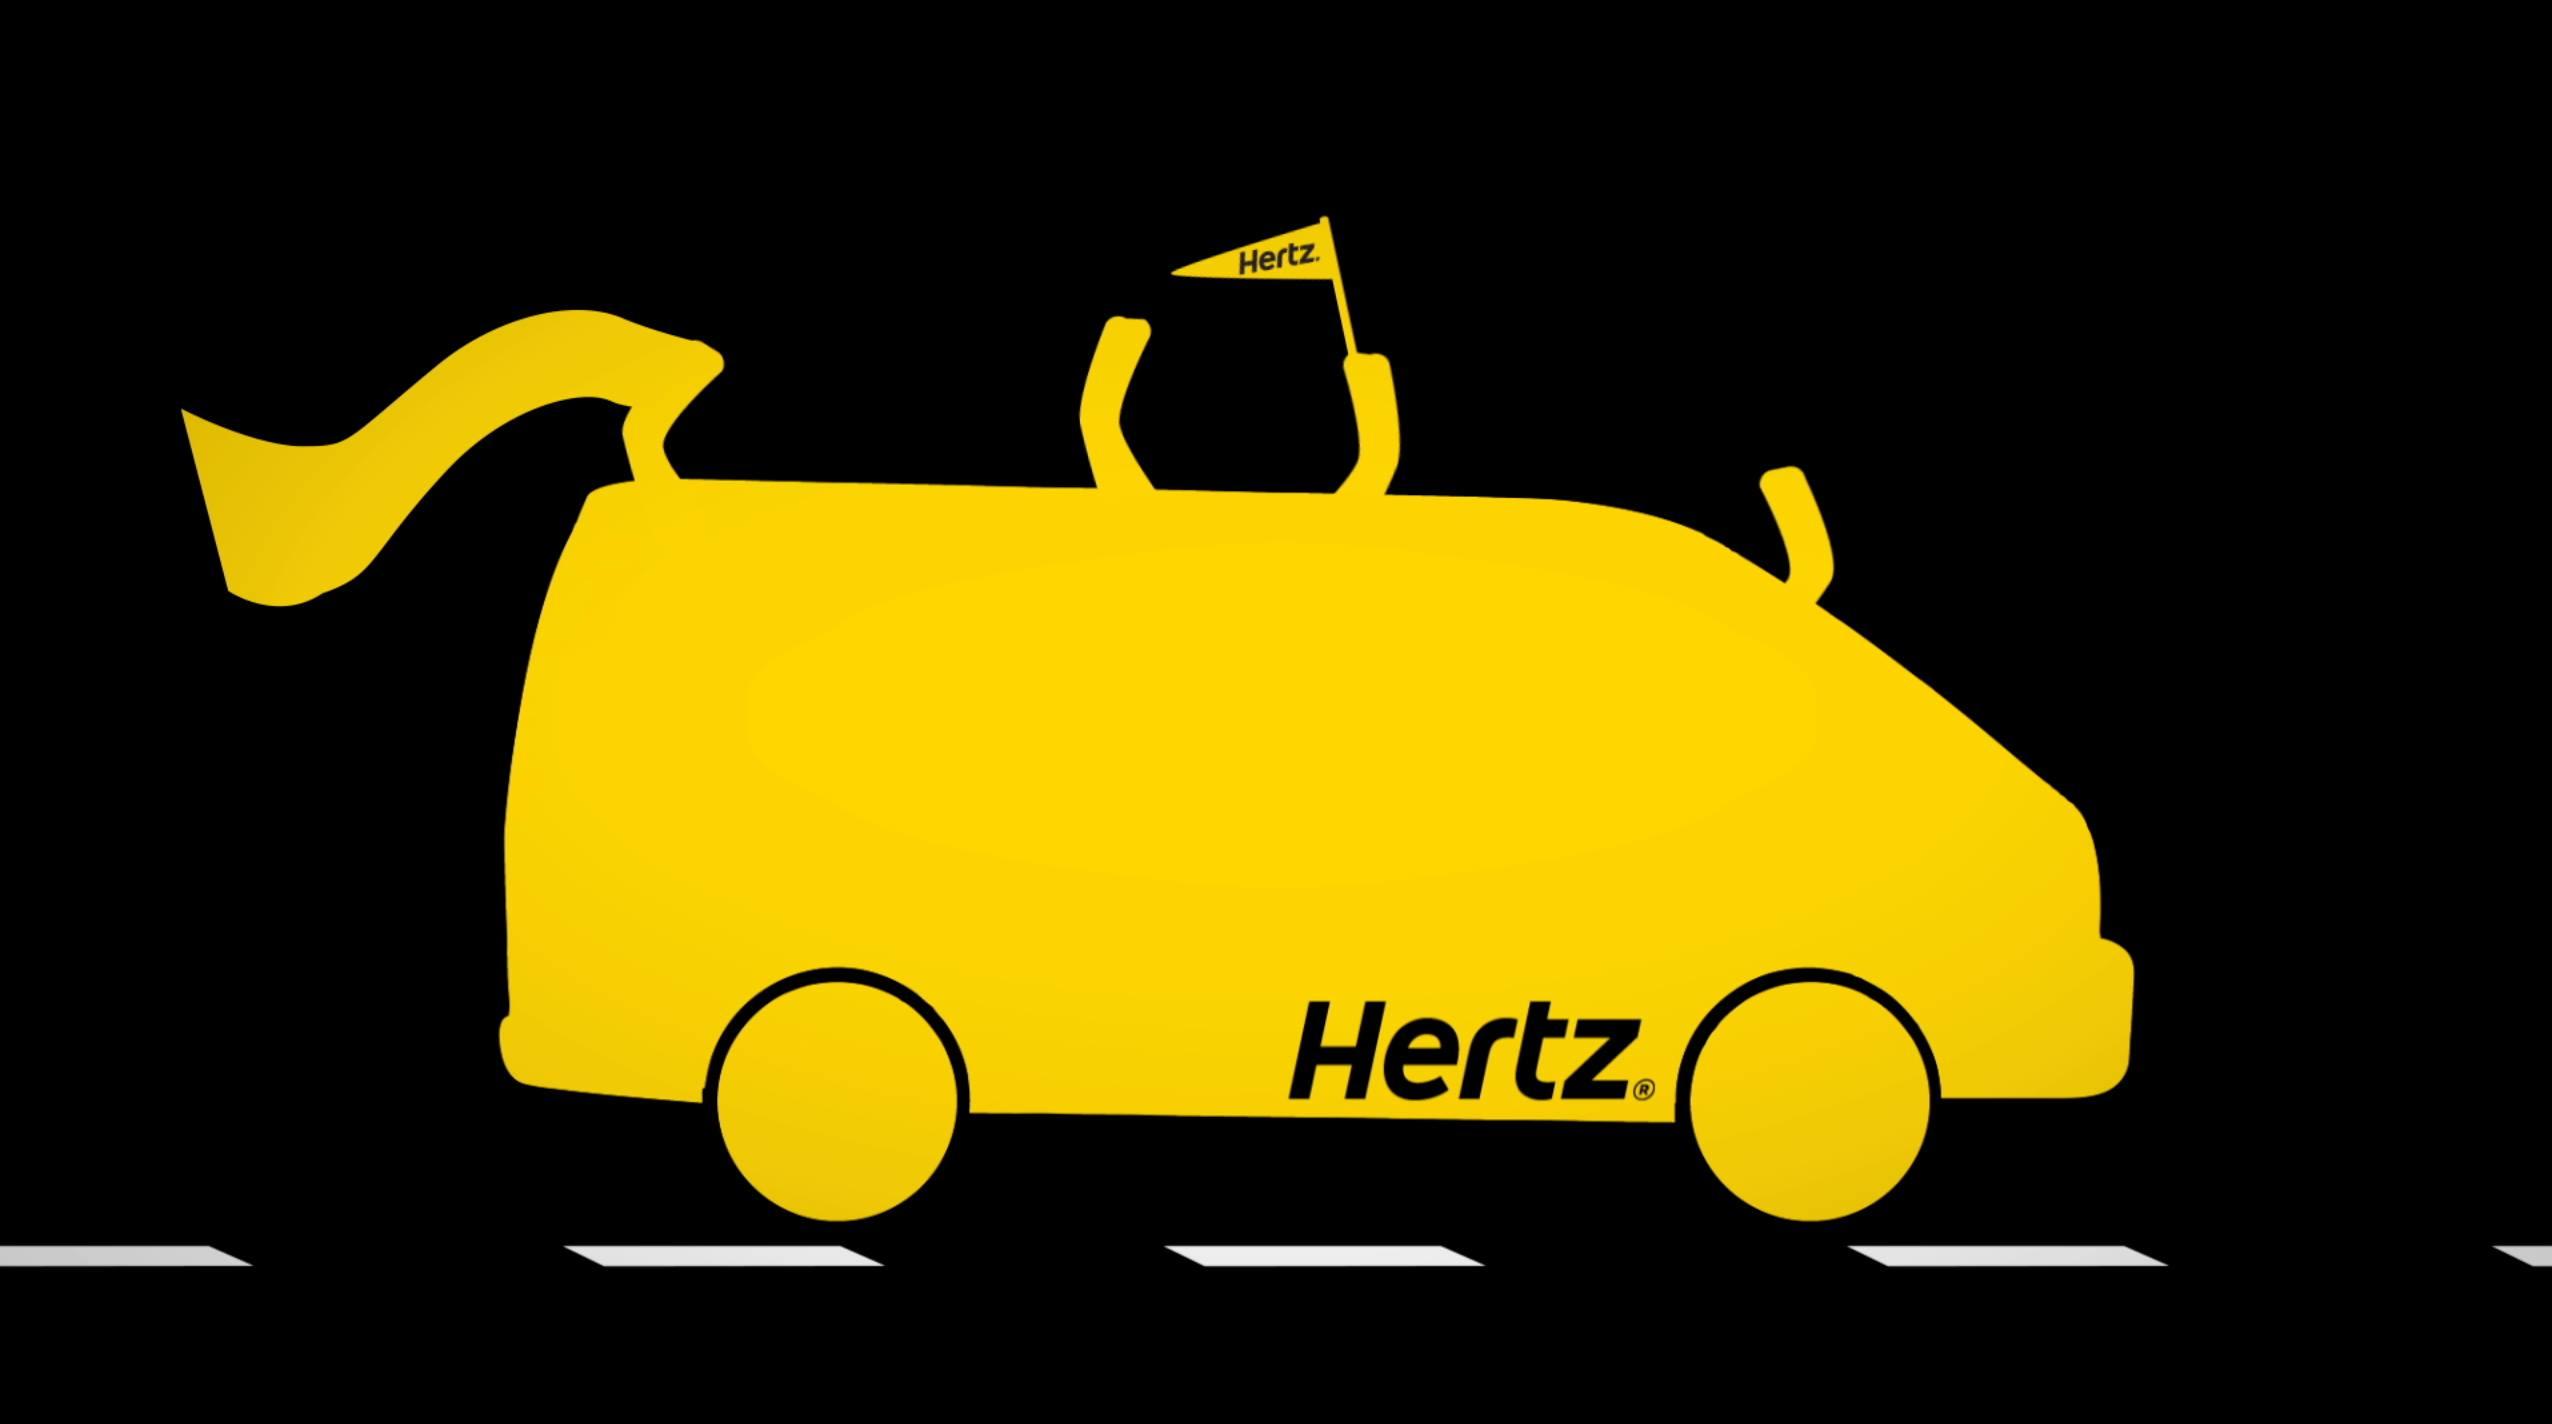 Hertz Commercial